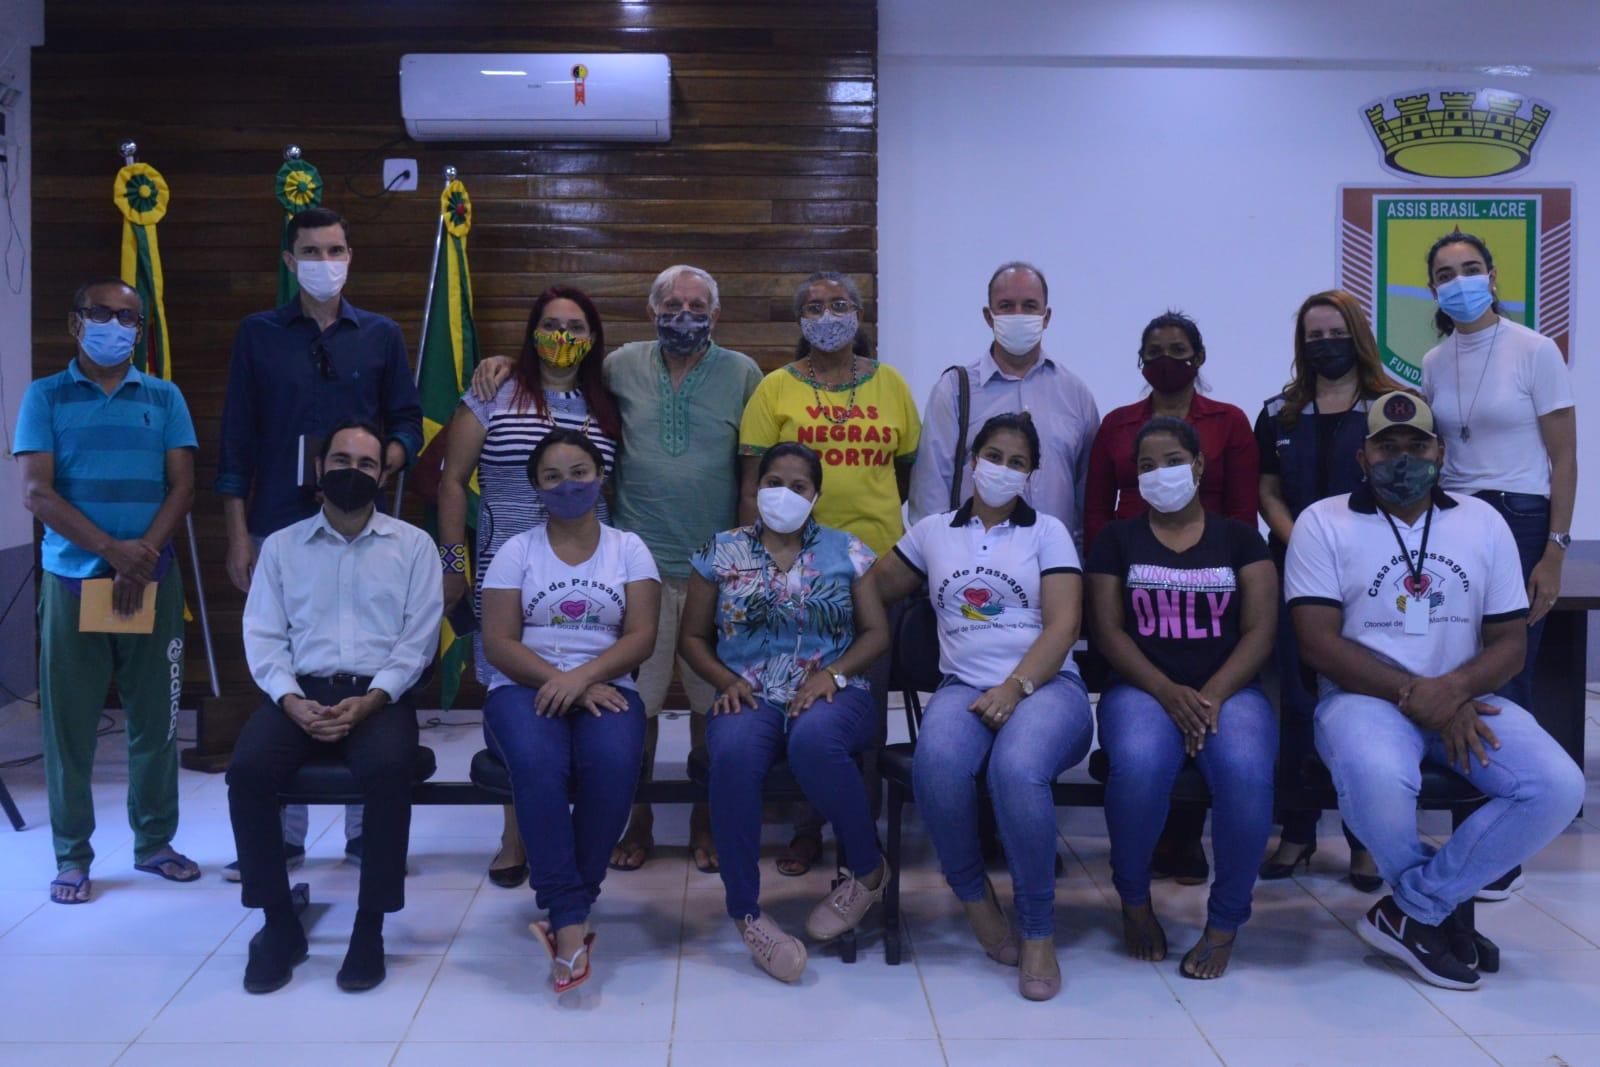 Roda de conversa sobre fluxo migratório é promovida em Assis Brasil